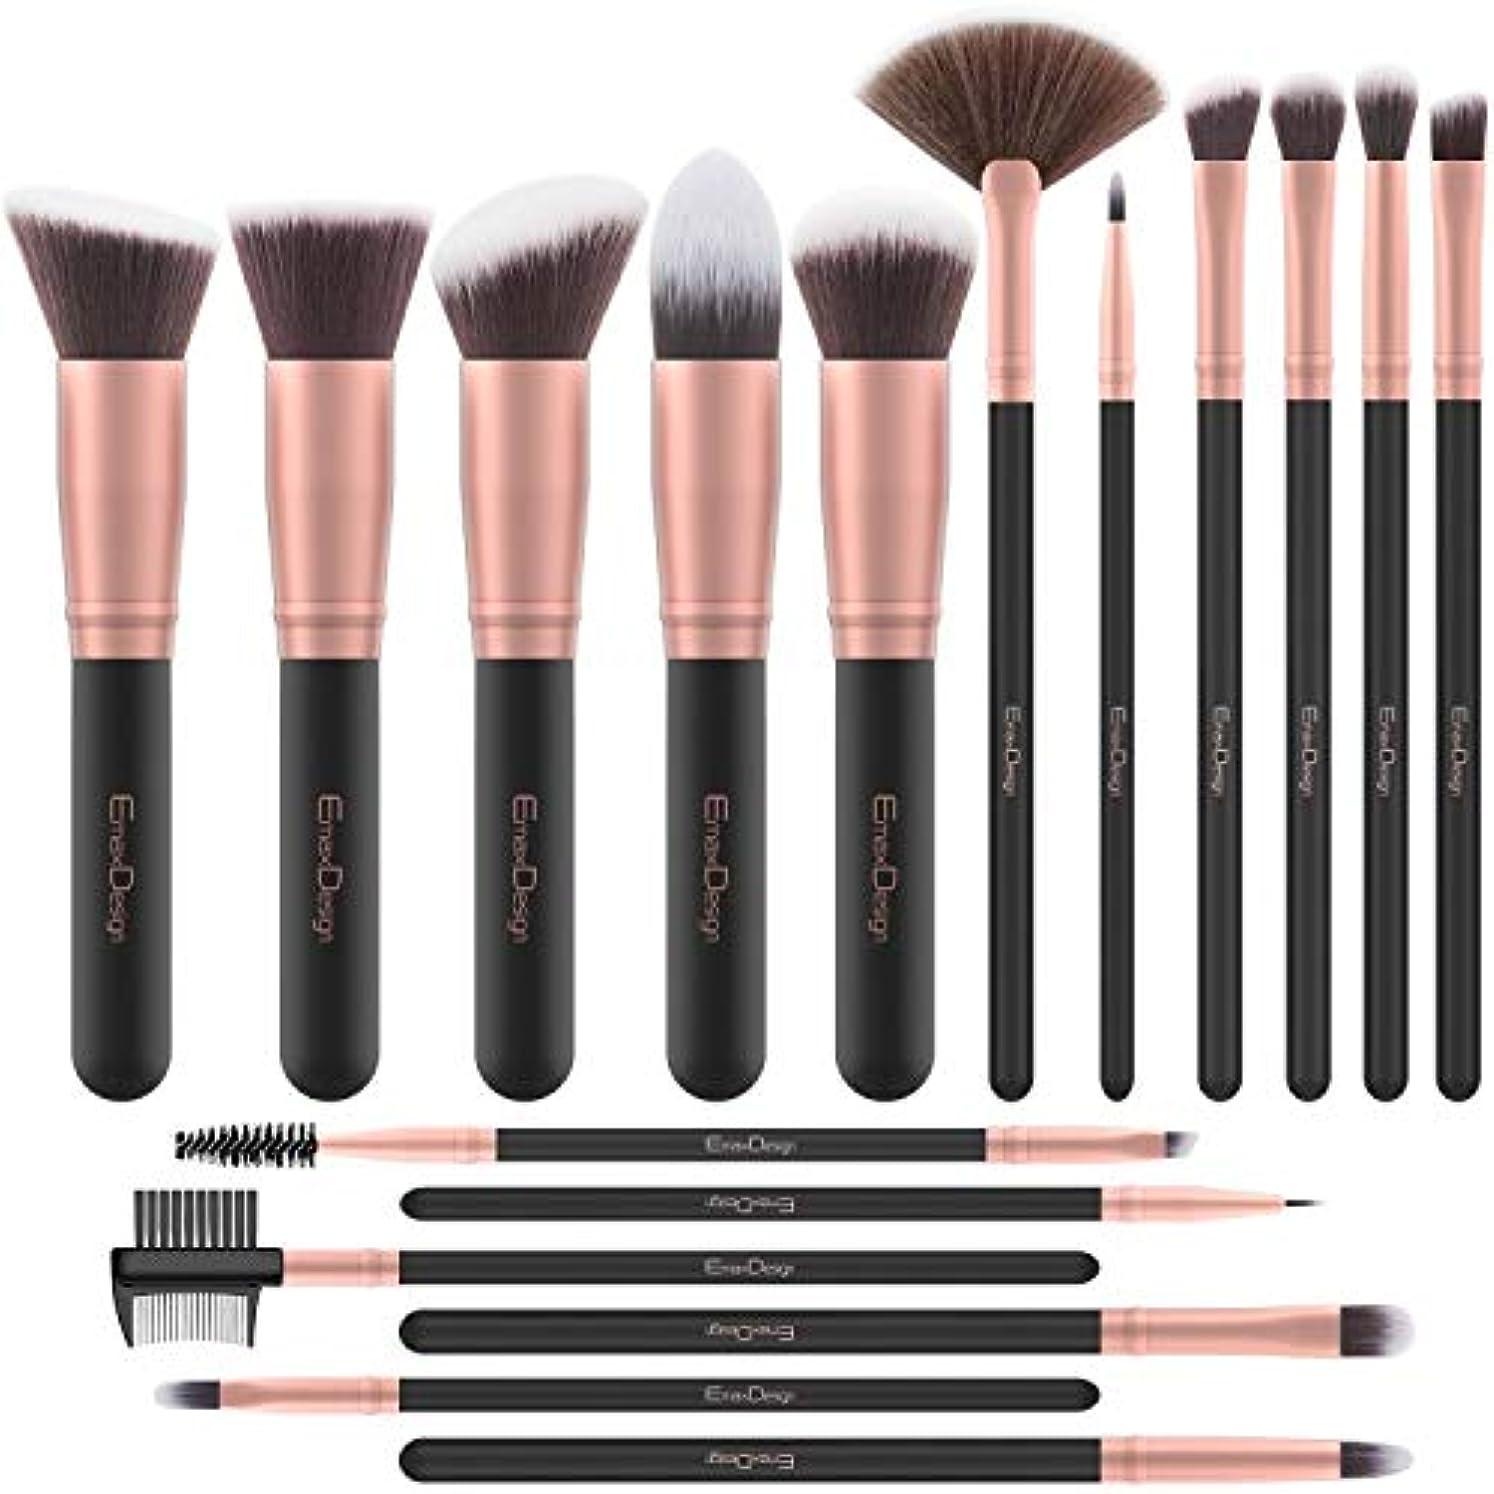 白鳥スイス人振る舞うEmaxDesign メイクブラシ 17本セット 化粧ブラシセット高品質の化粧筆 フェイスブラシ 高級繊維毛 化粧ブラシ メイク道具